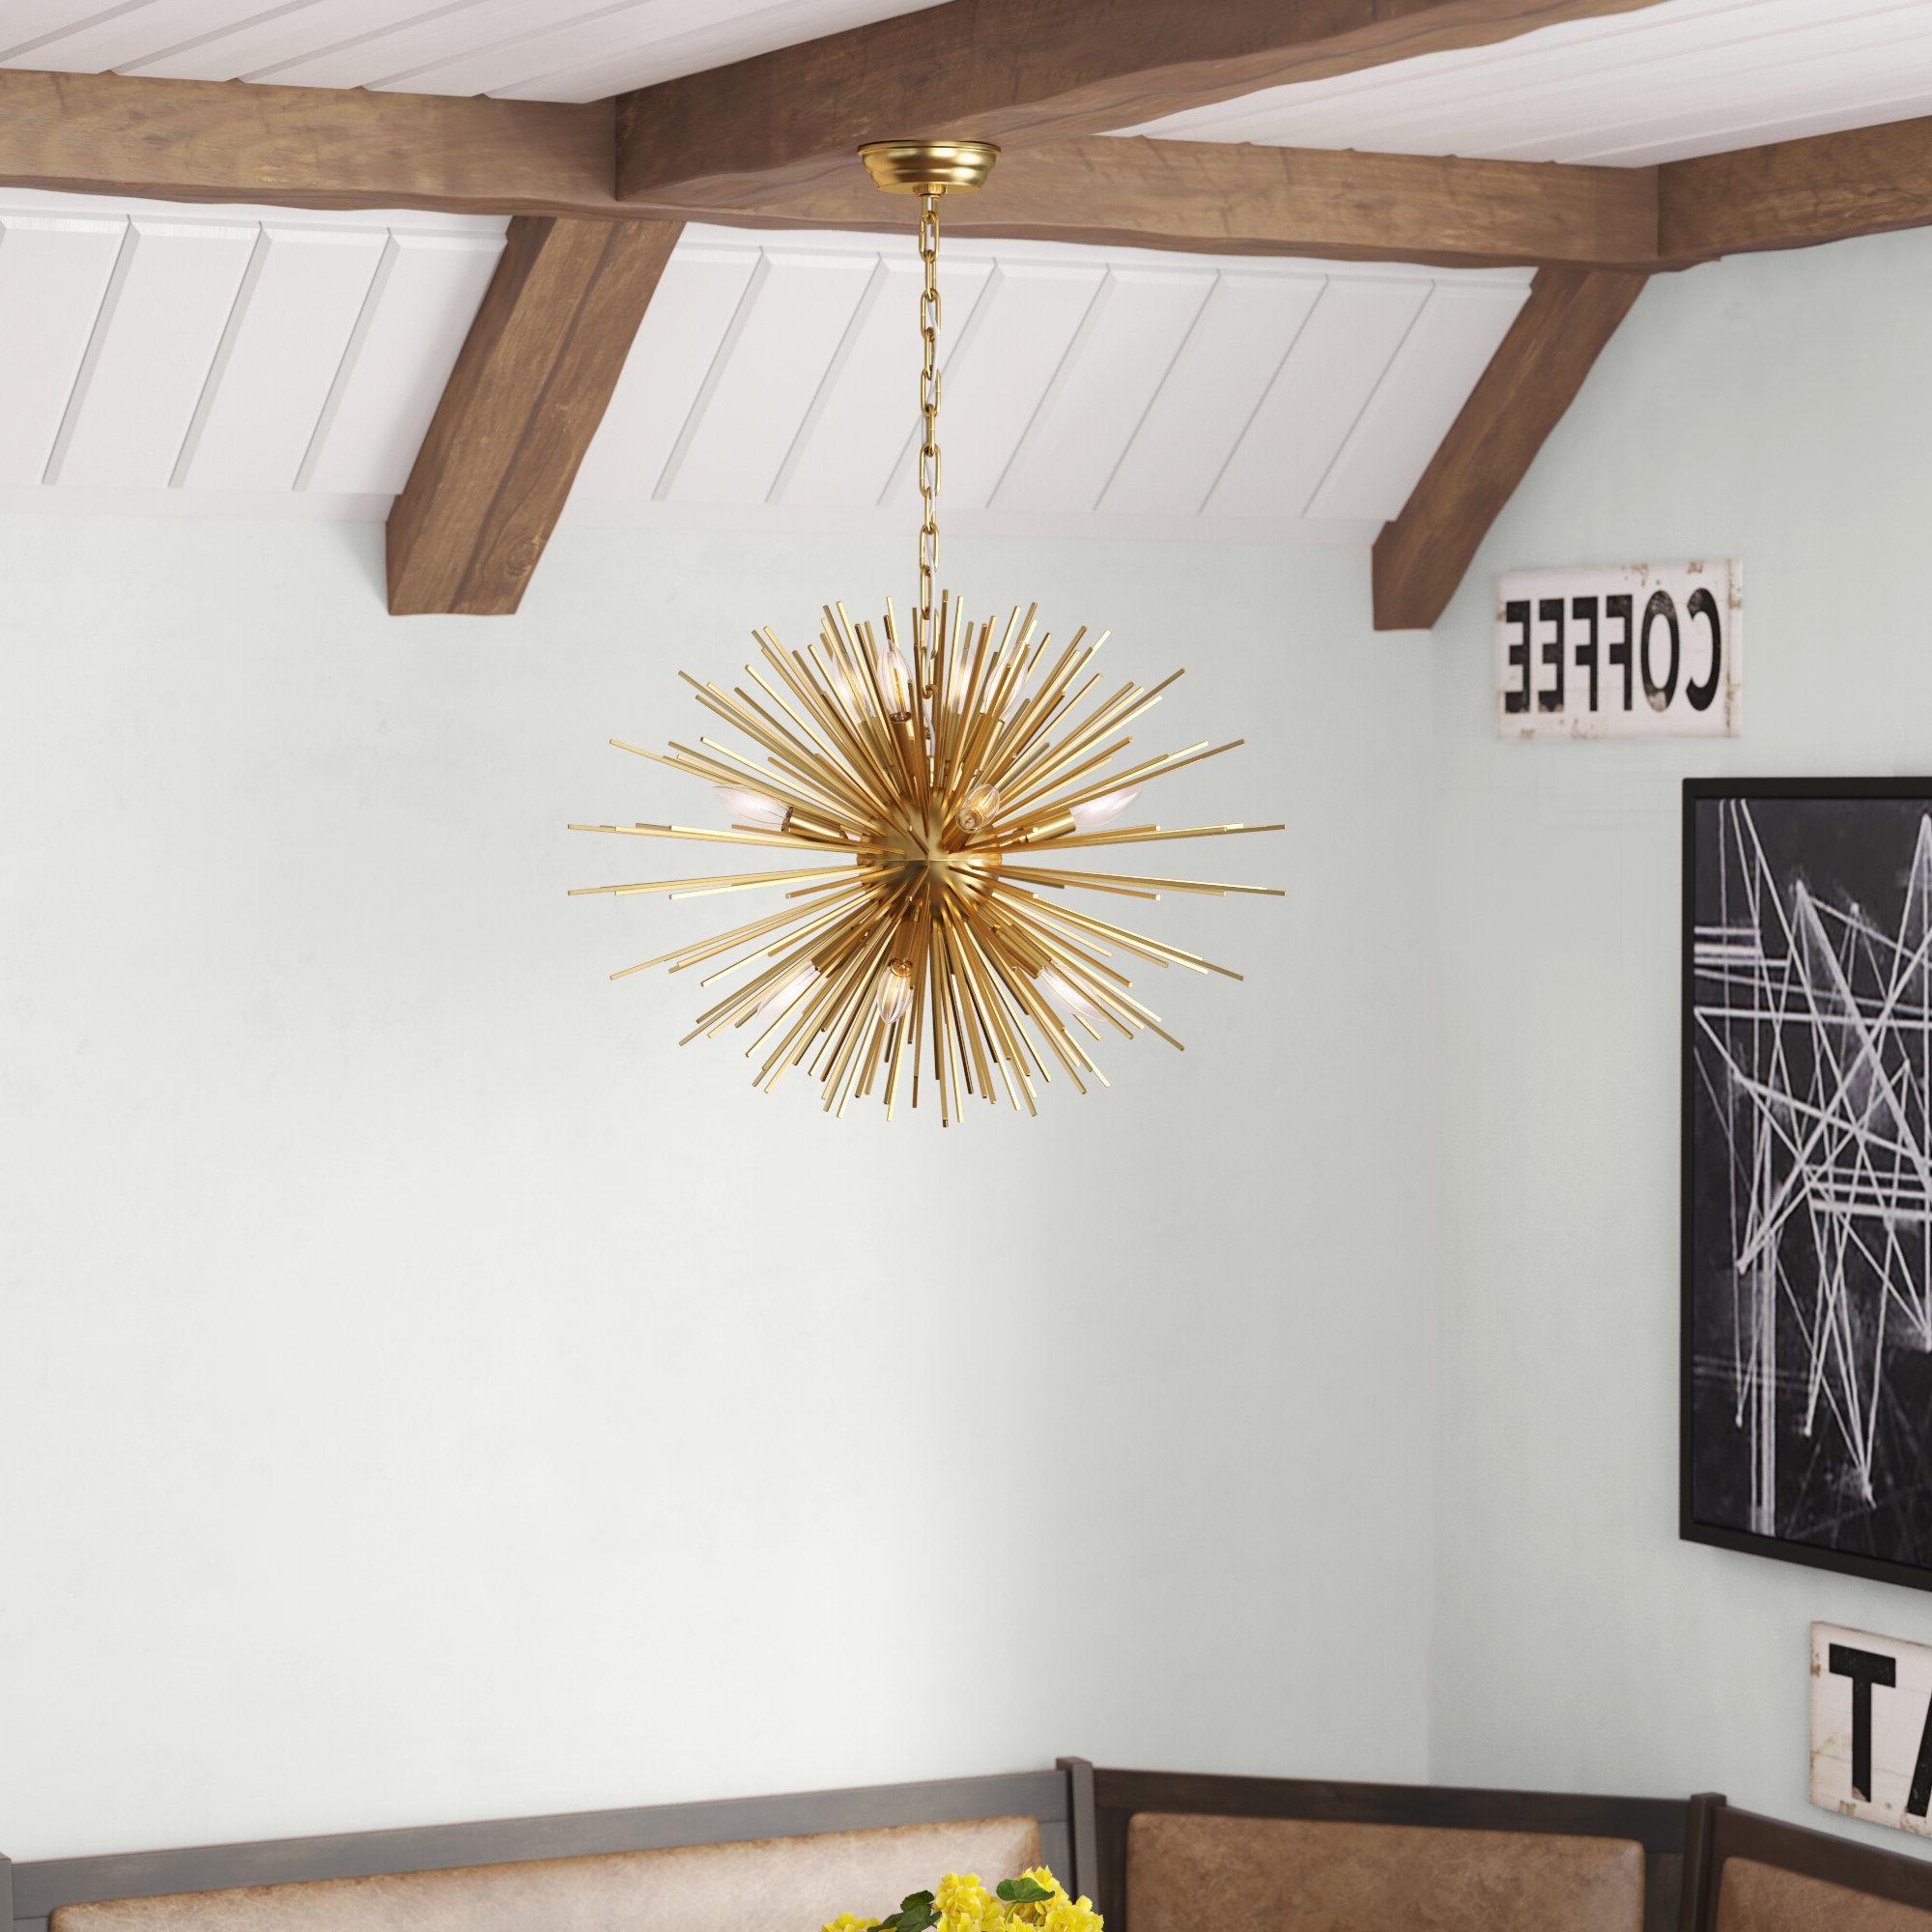 Wendler 12 Light Sputnik Chandelier In Current Nelly 12 Light Sputnik Chandeliers (Gallery 18 of 20)